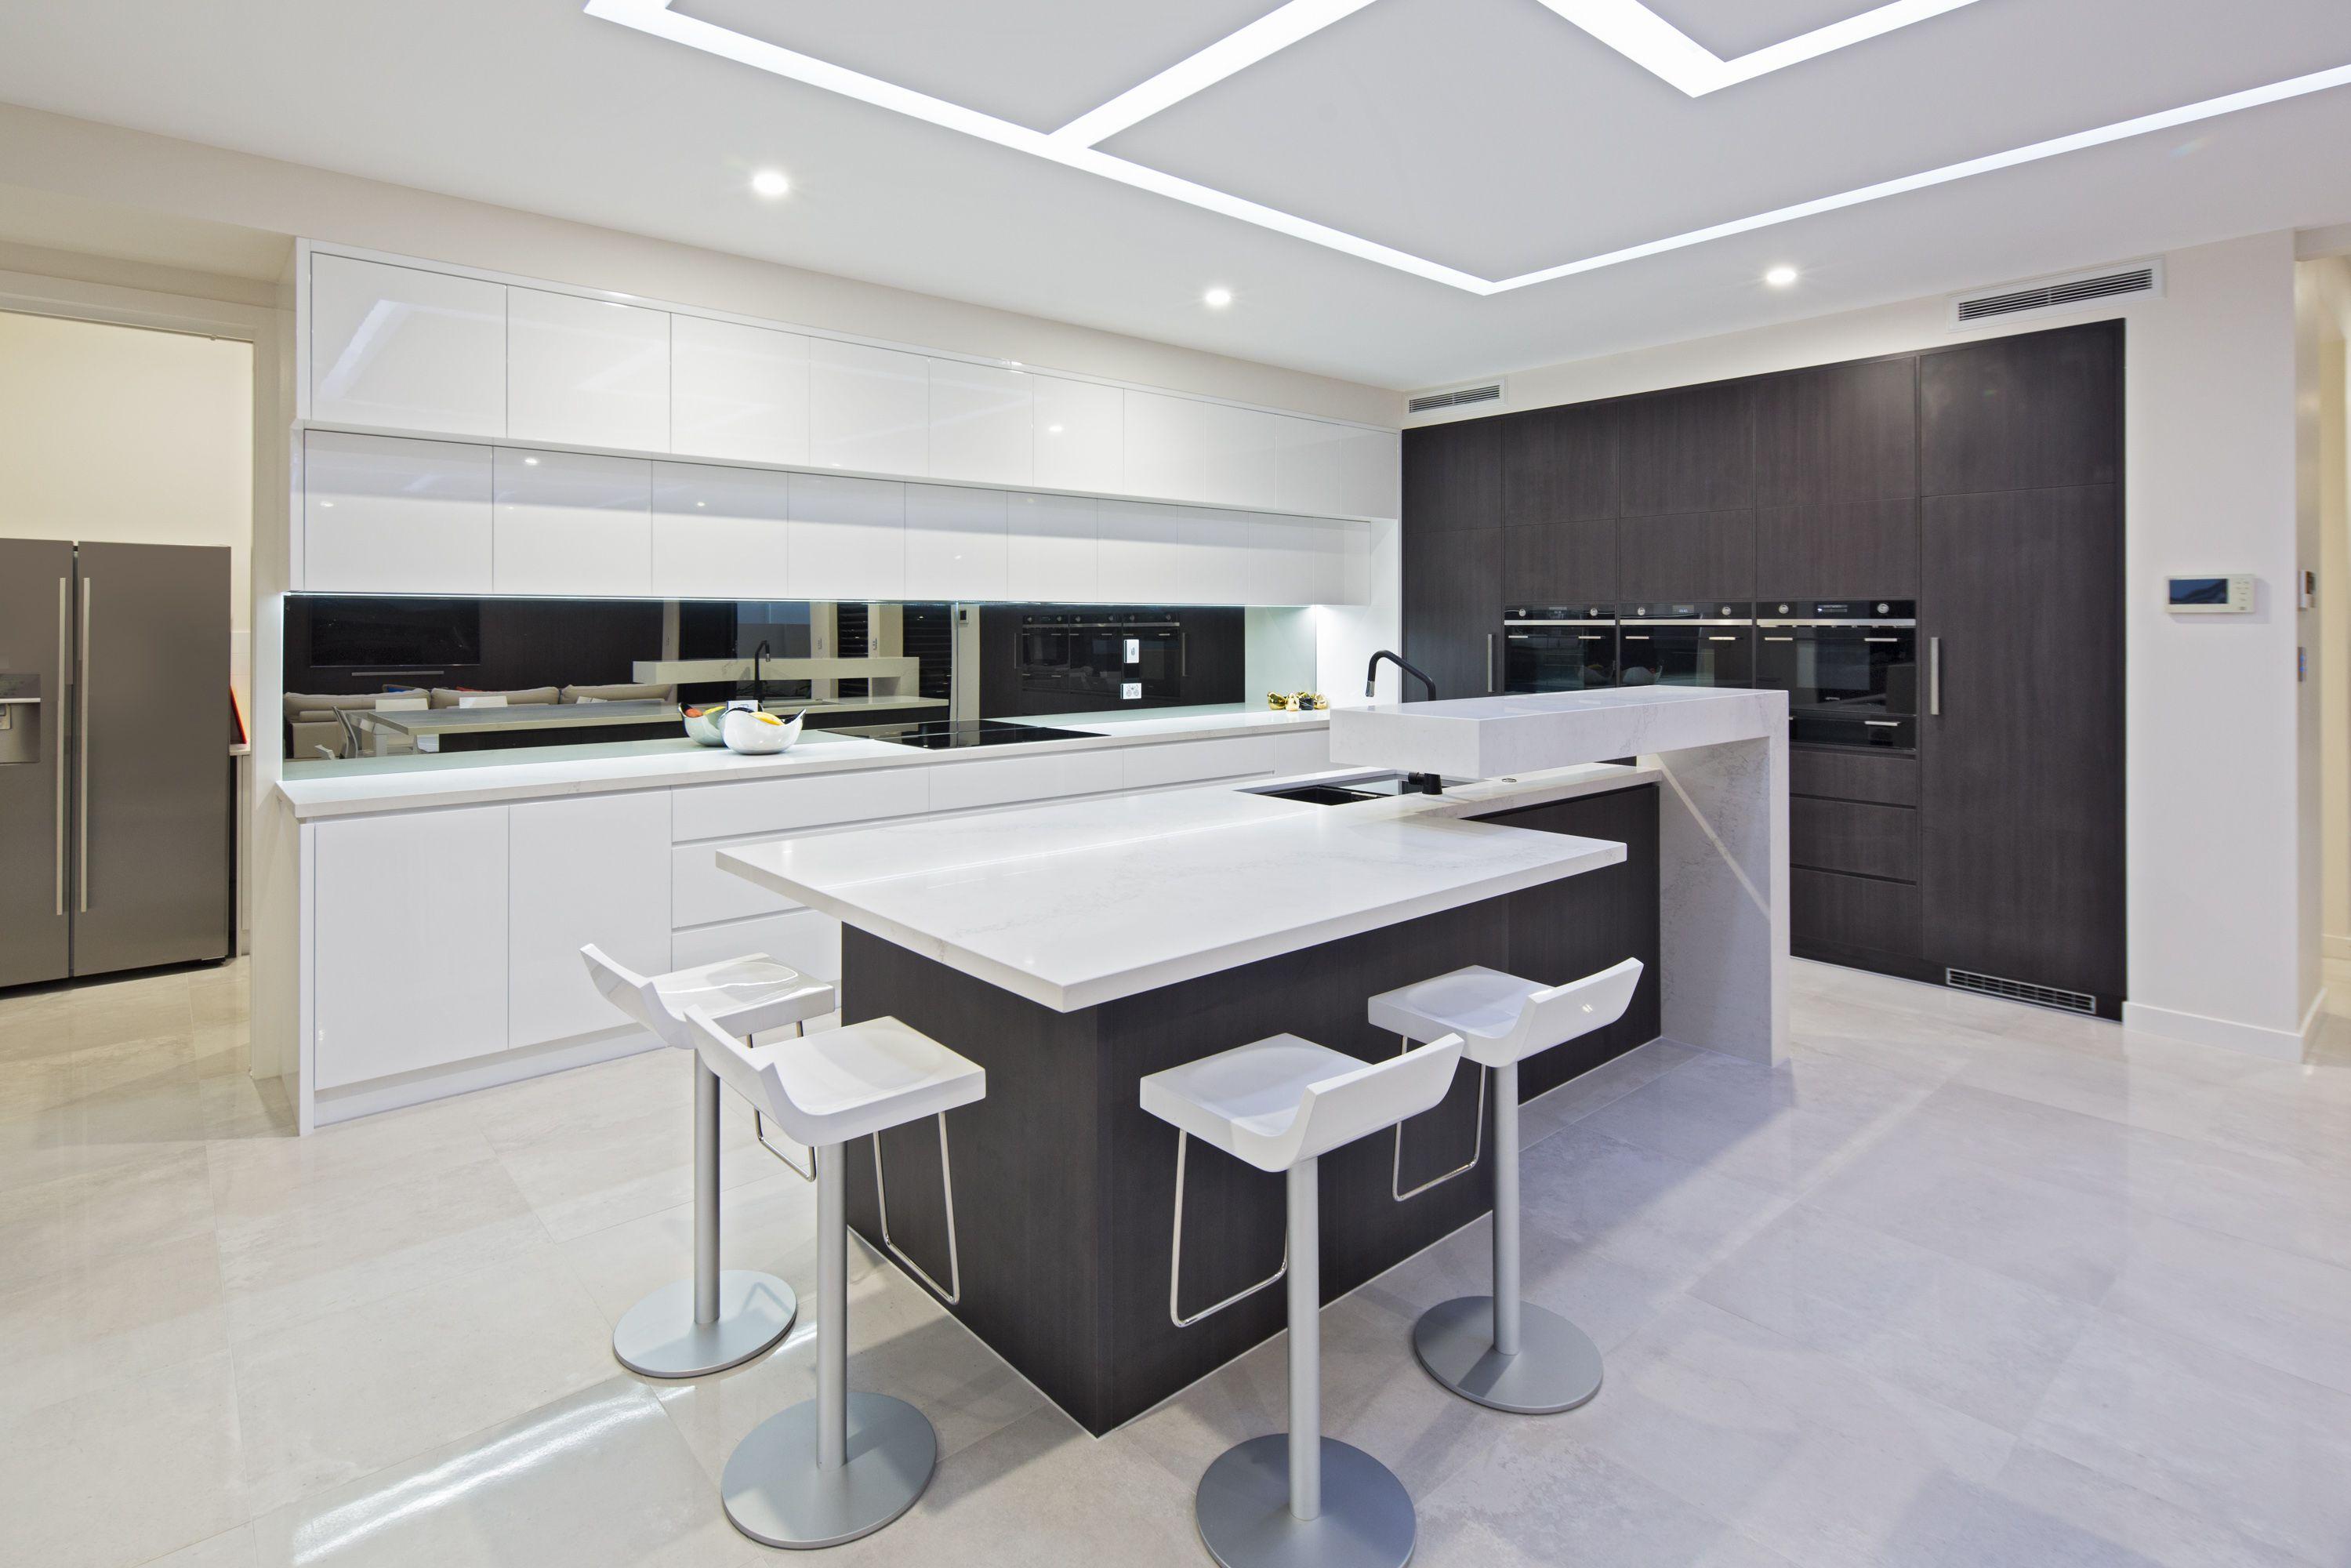 Brisbane Building Designer | The most innovative Building Designers ...